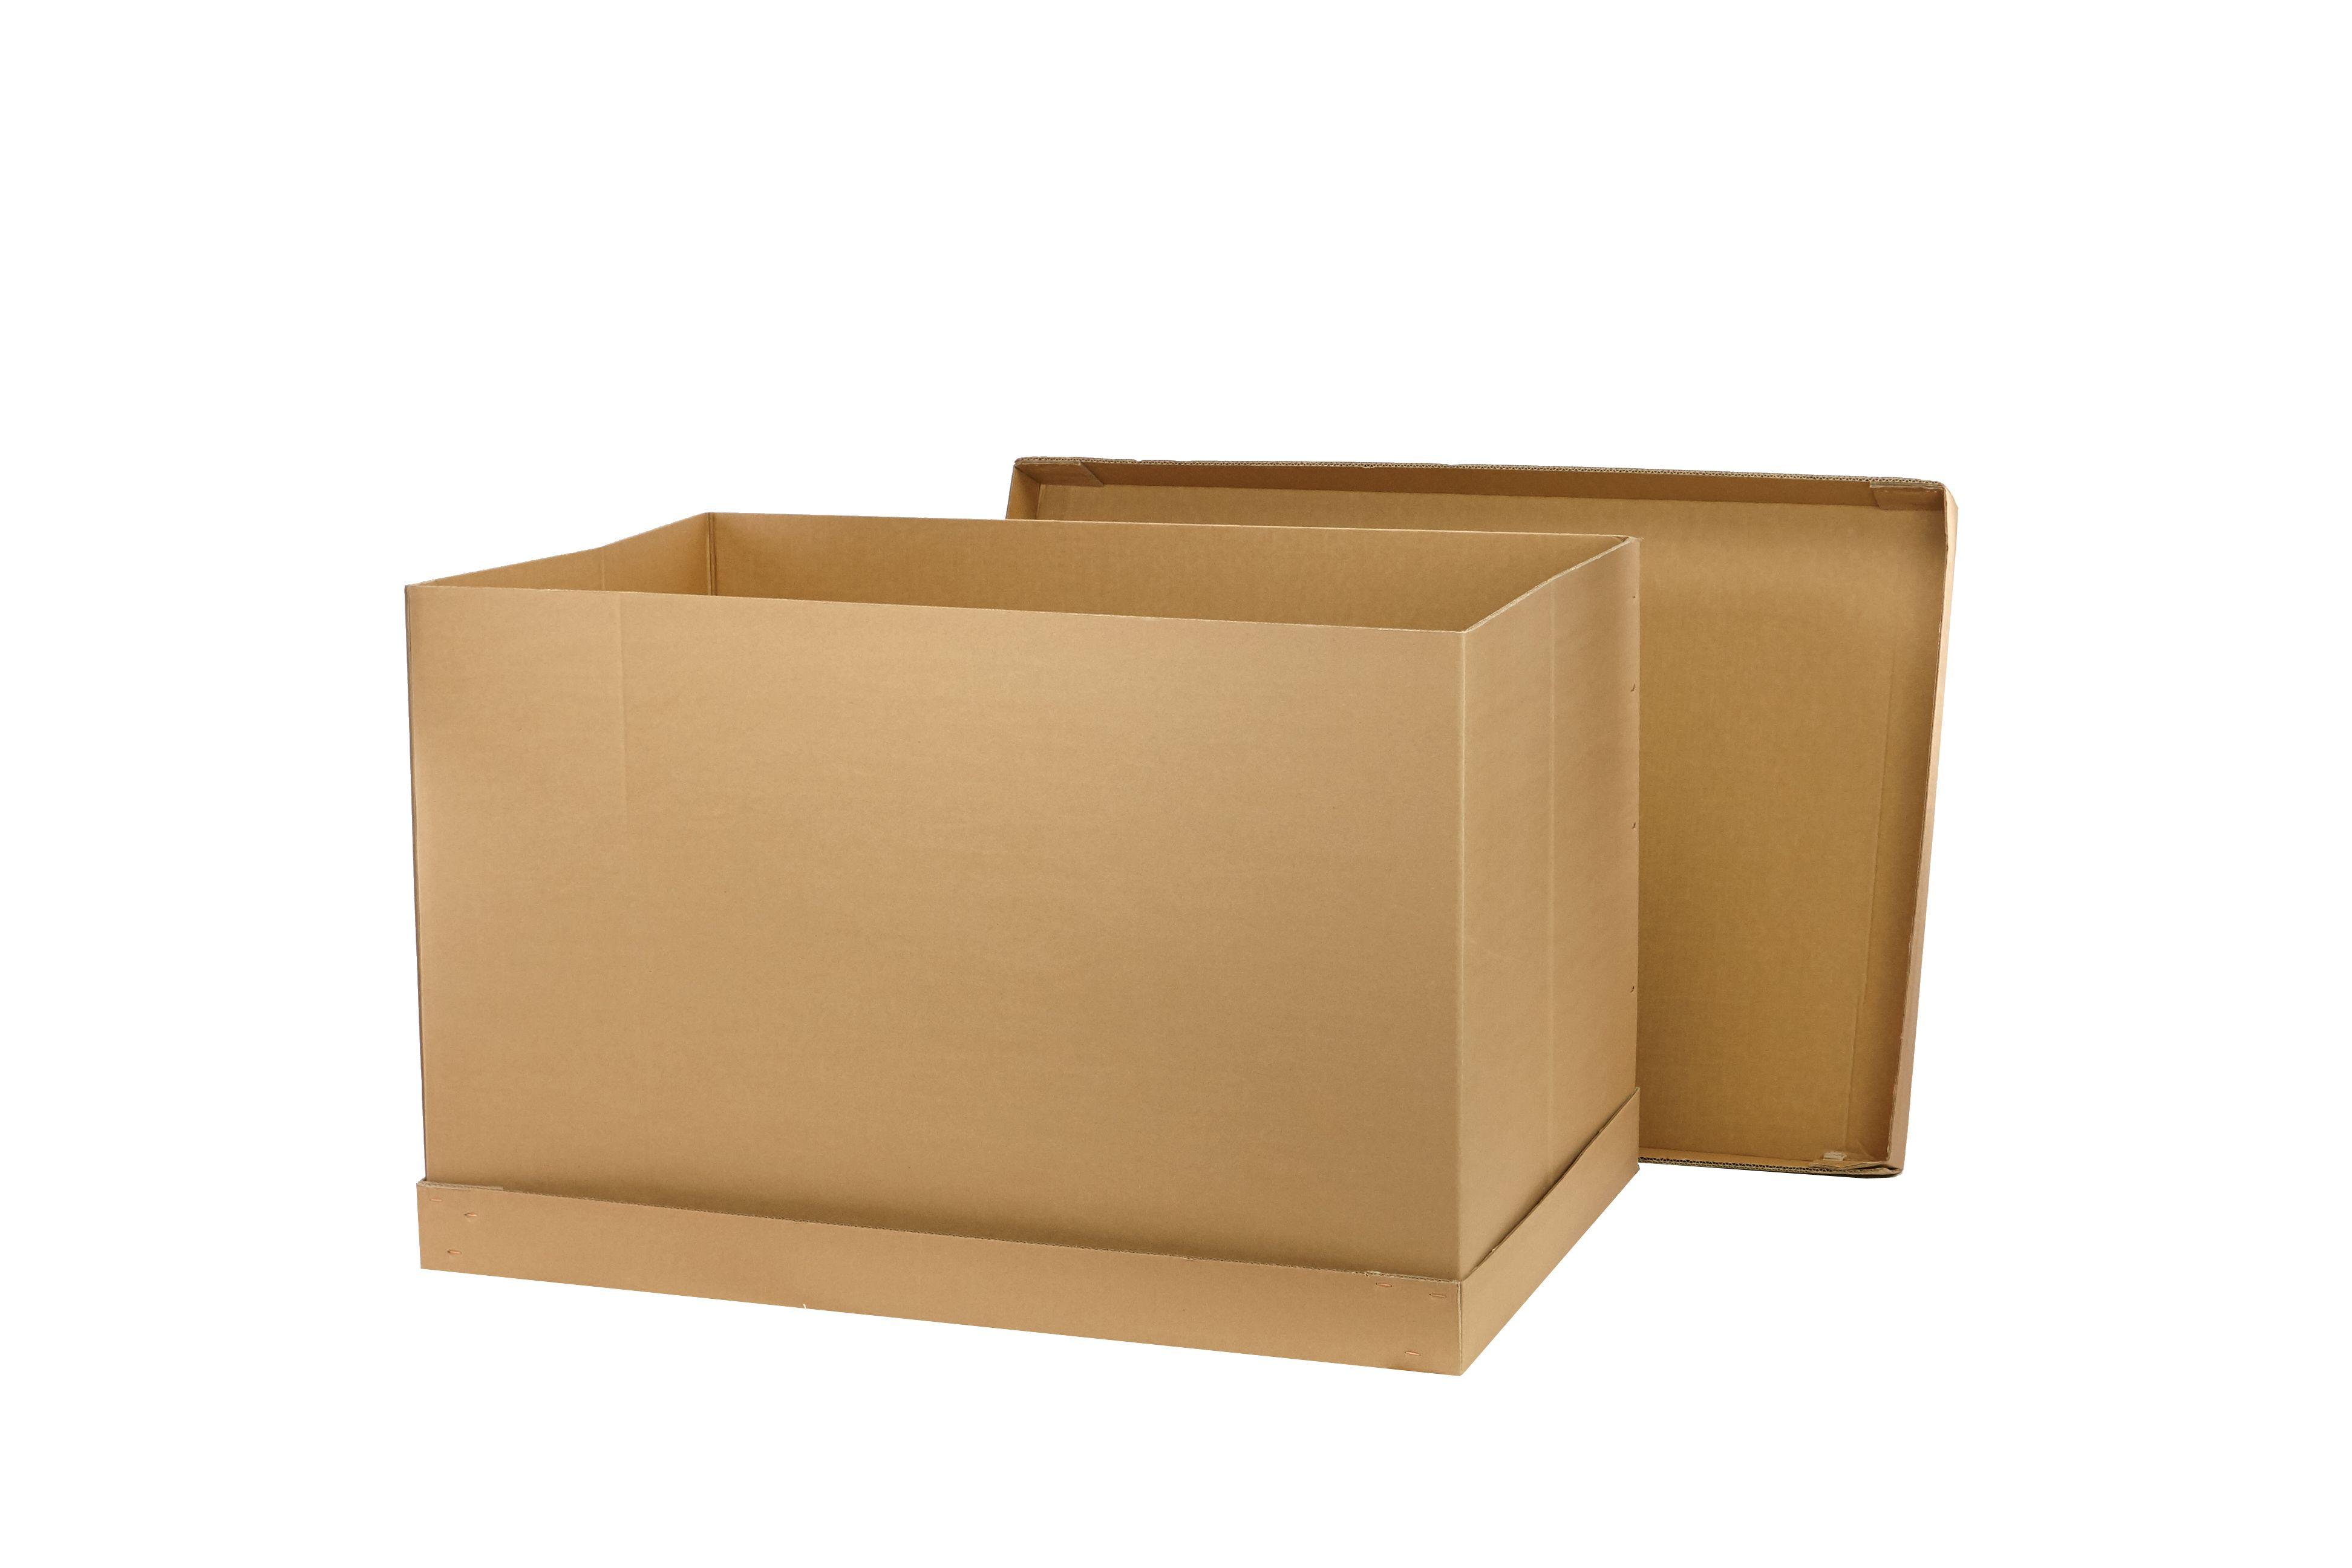 Versandkartons Die Sogenannte Palettencontainer Sind Die Beste